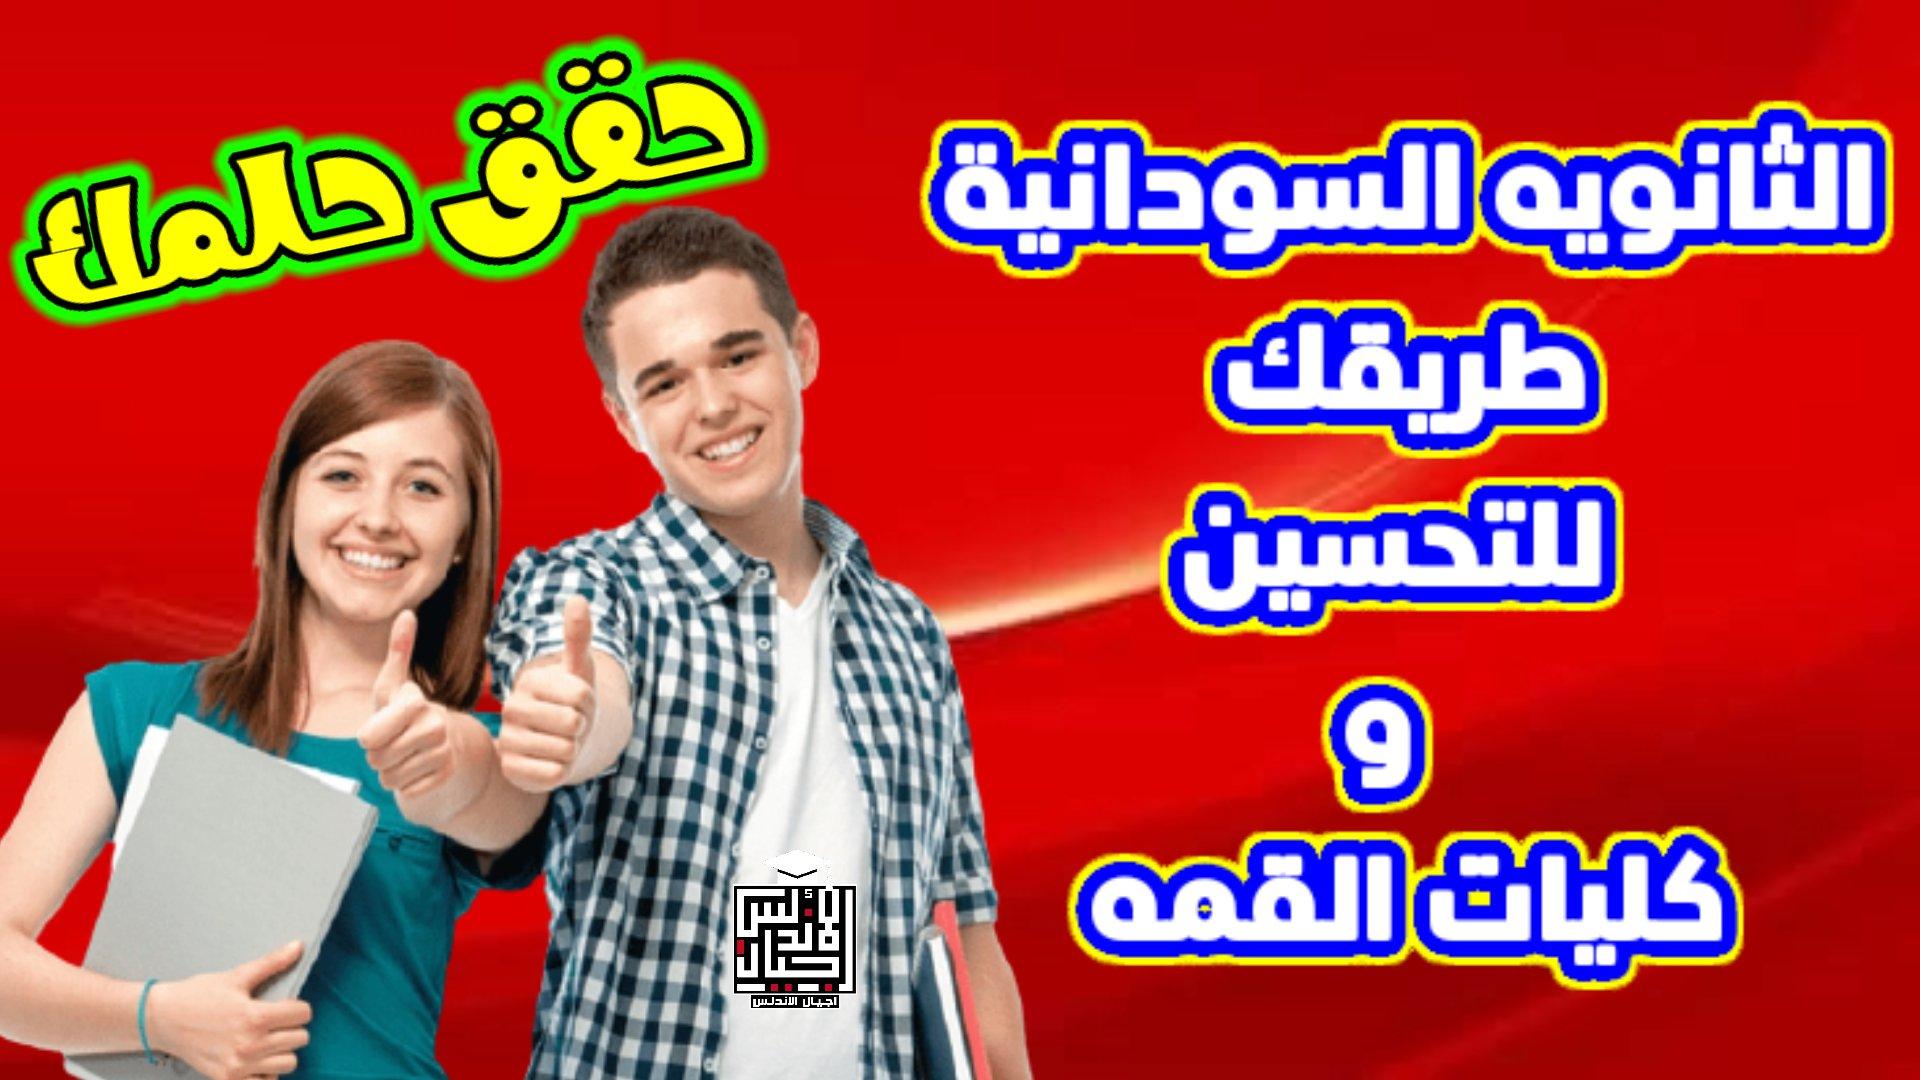 الثانويه السودانيه الطريق الوحيد للتحسين وكليات القمه | حقق حلمك  - اجيال الاندلس